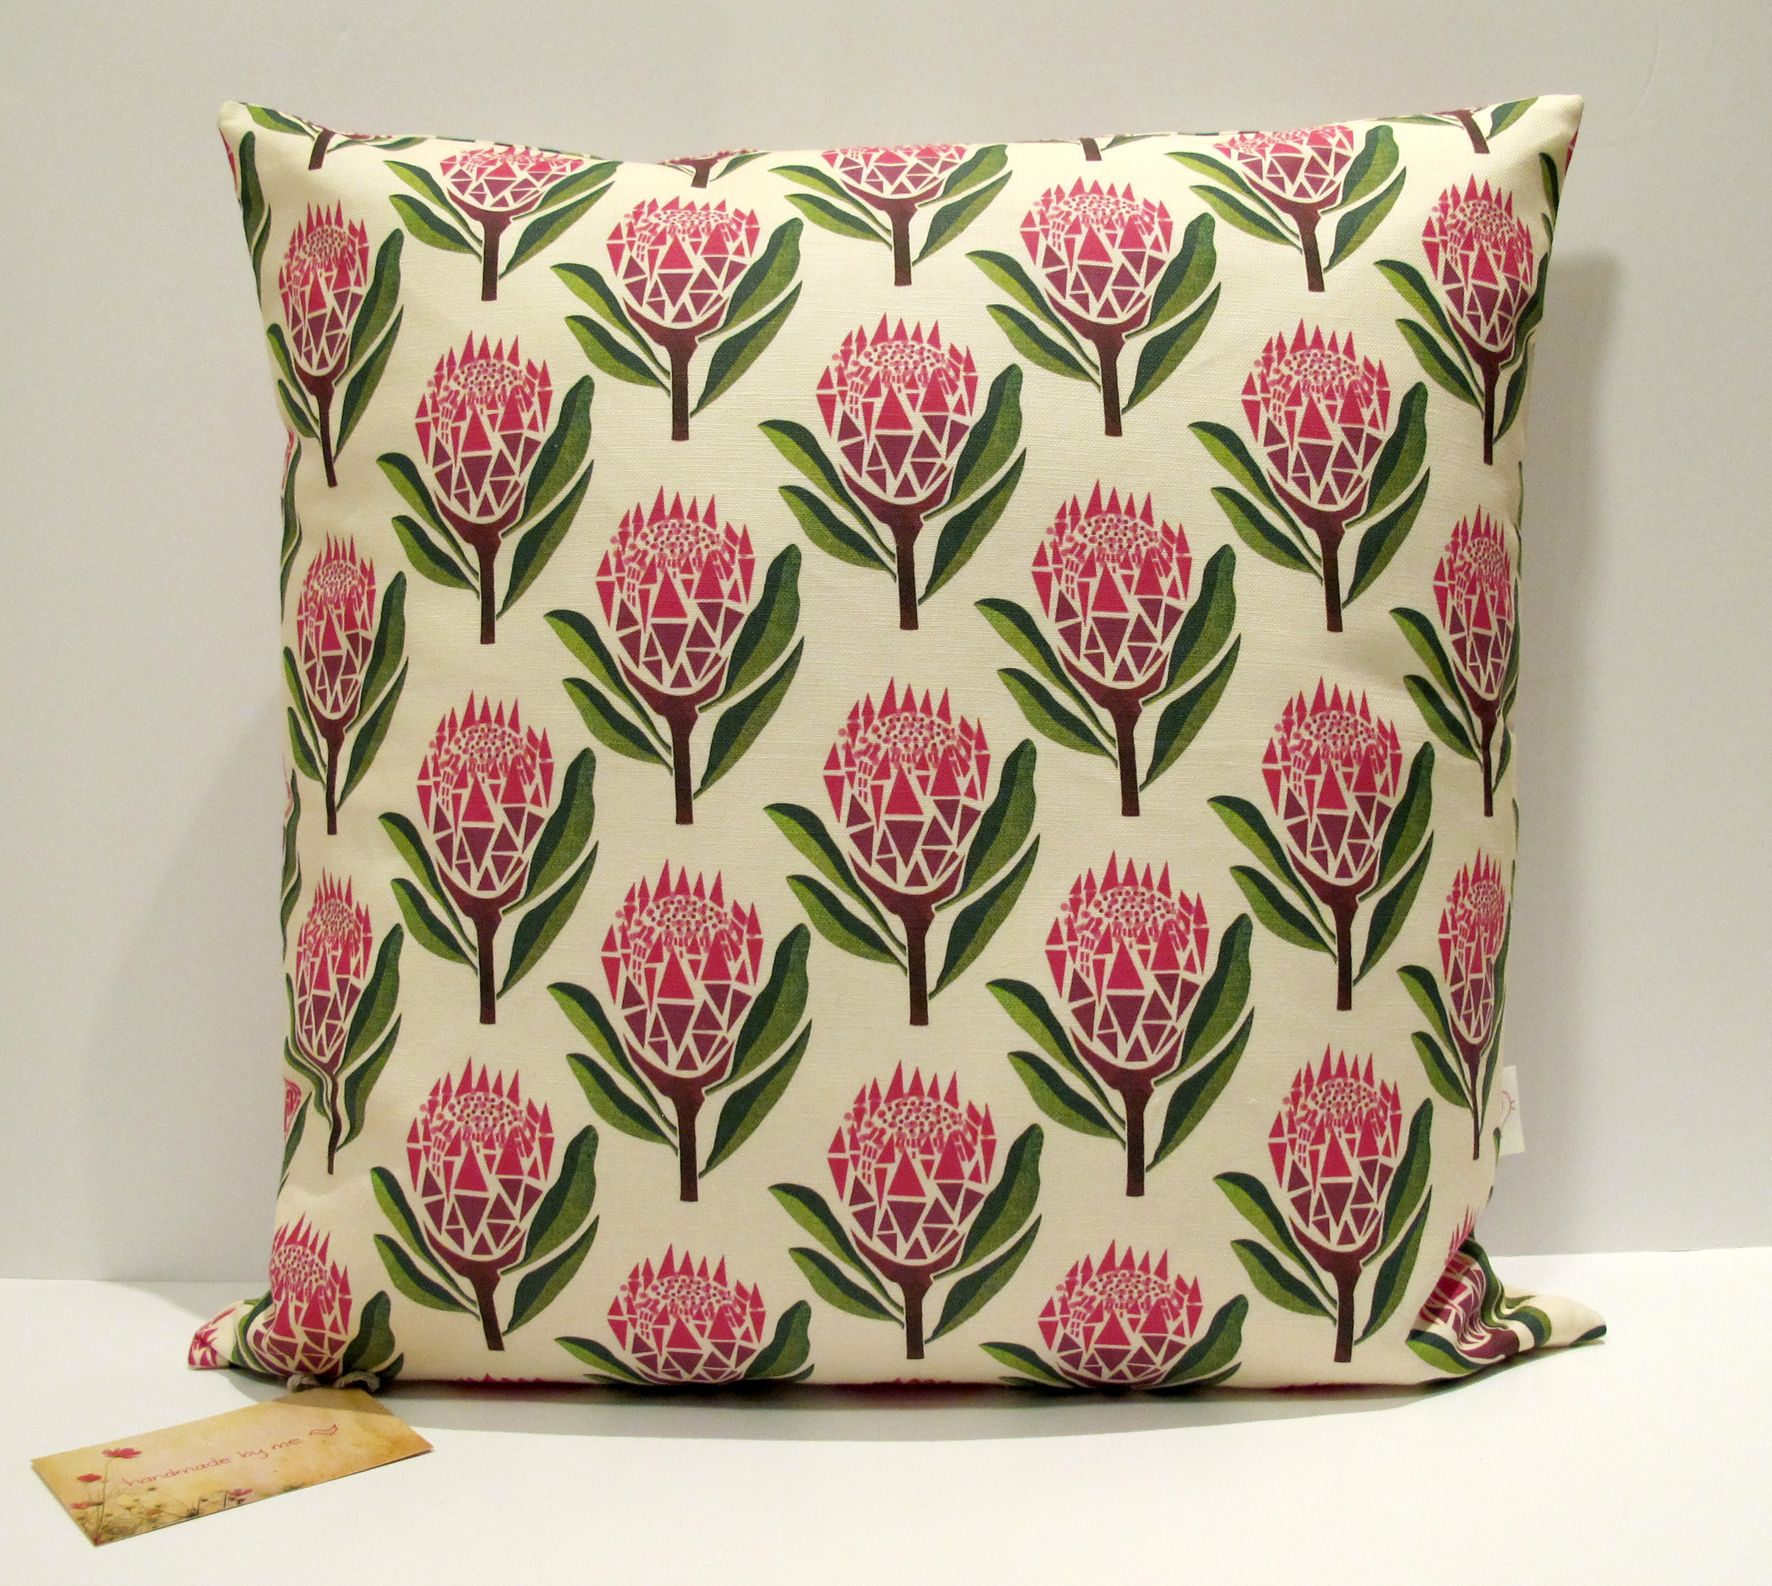 Pretty Proteas Cushion Cover  www.handmadebymeblog.com